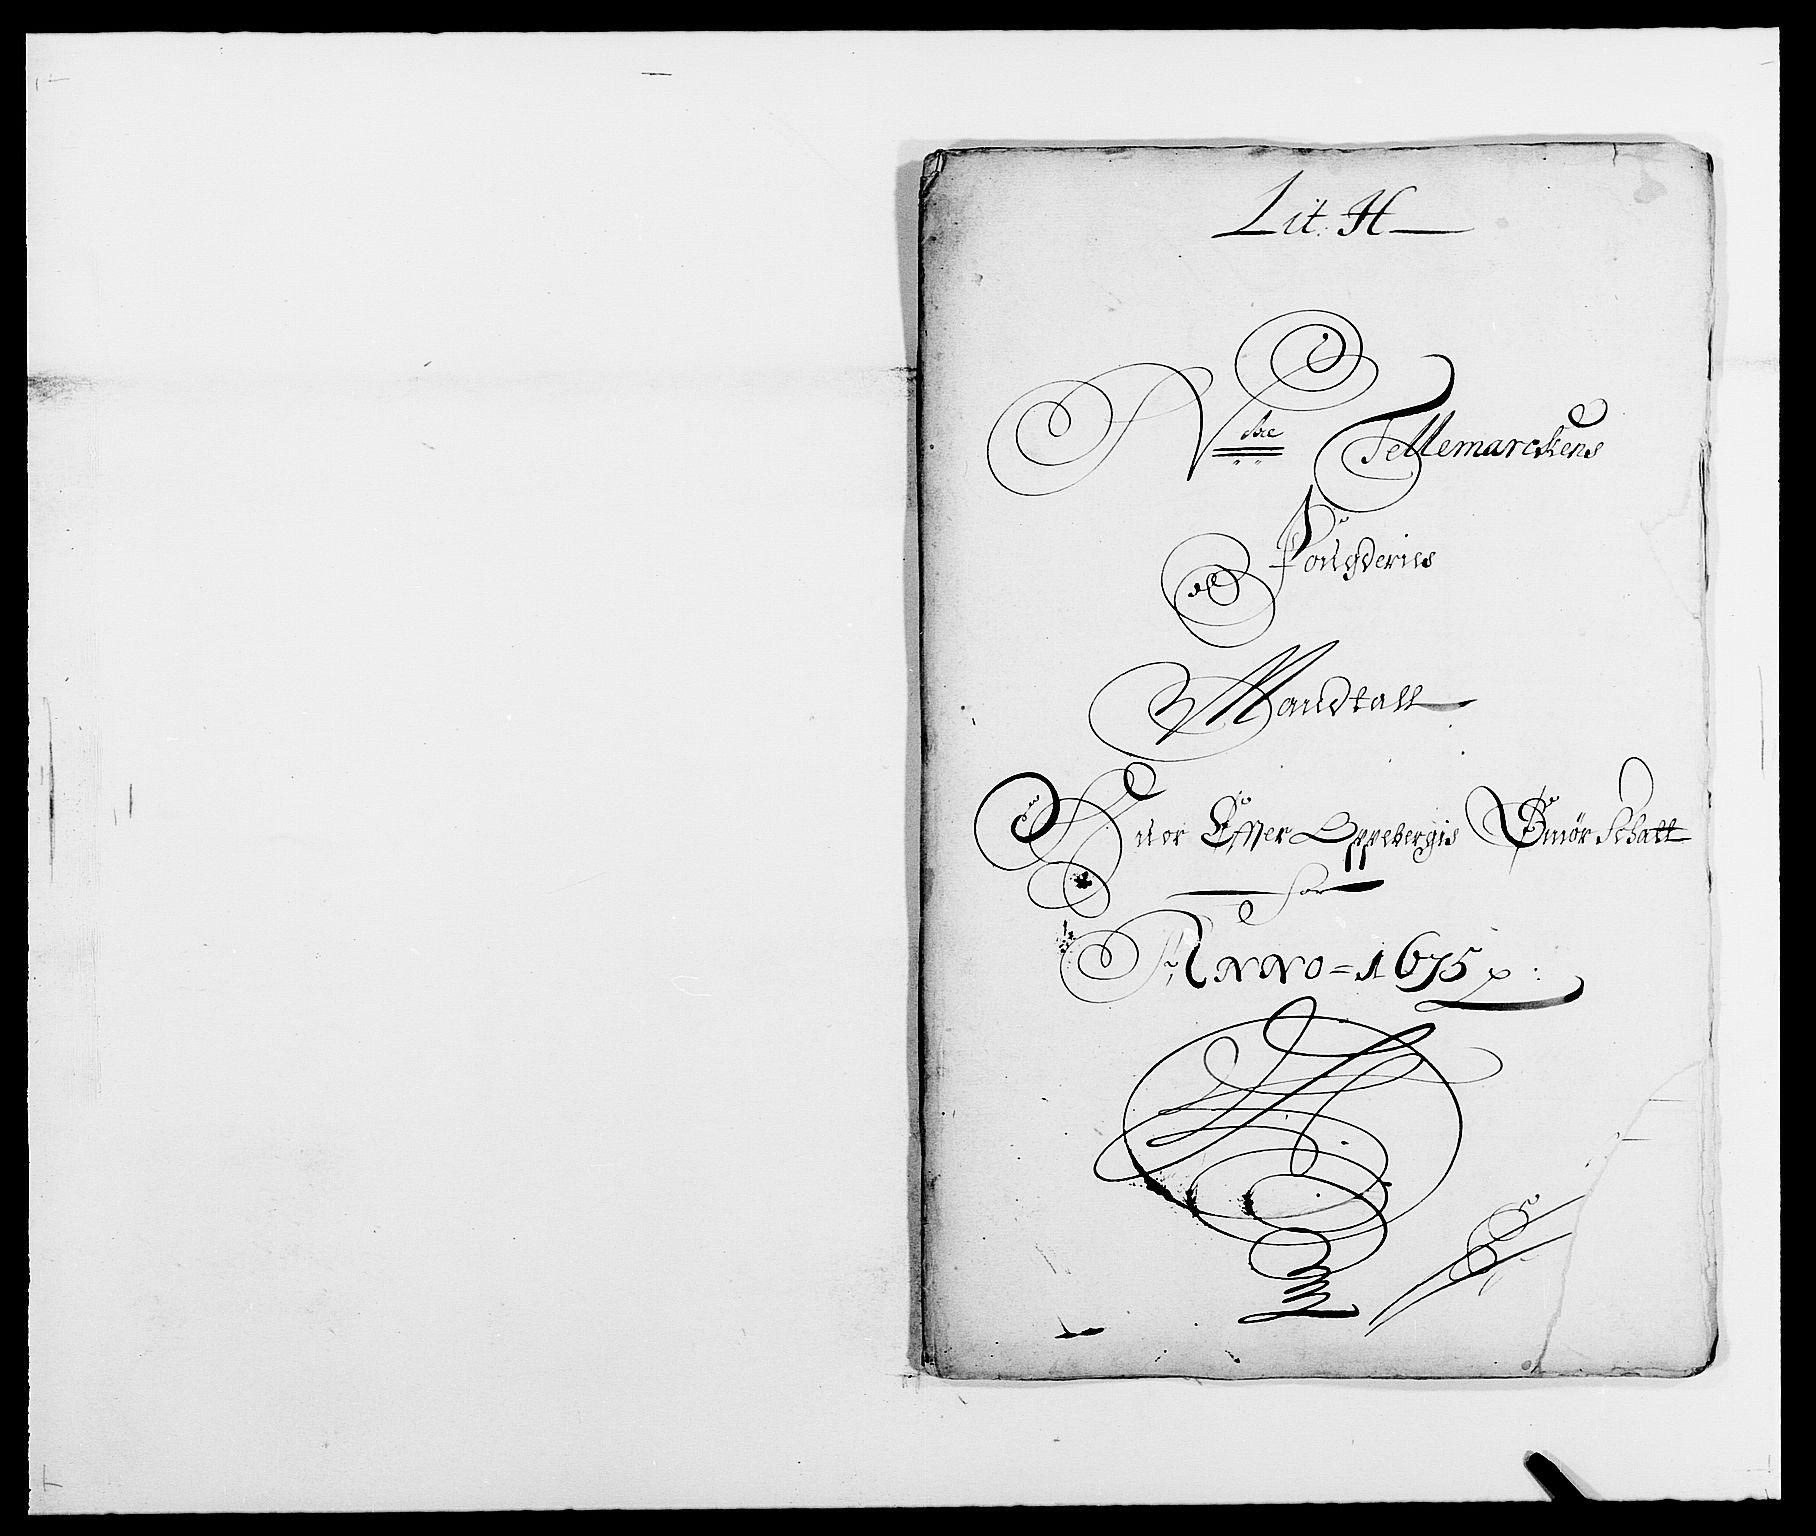 RA, Rentekammeret inntil 1814, Reviderte regnskaper, Fogderegnskap, R35/L2063: Fogderegnskap Øvre og Nedre Telemark, 1675, s. 172